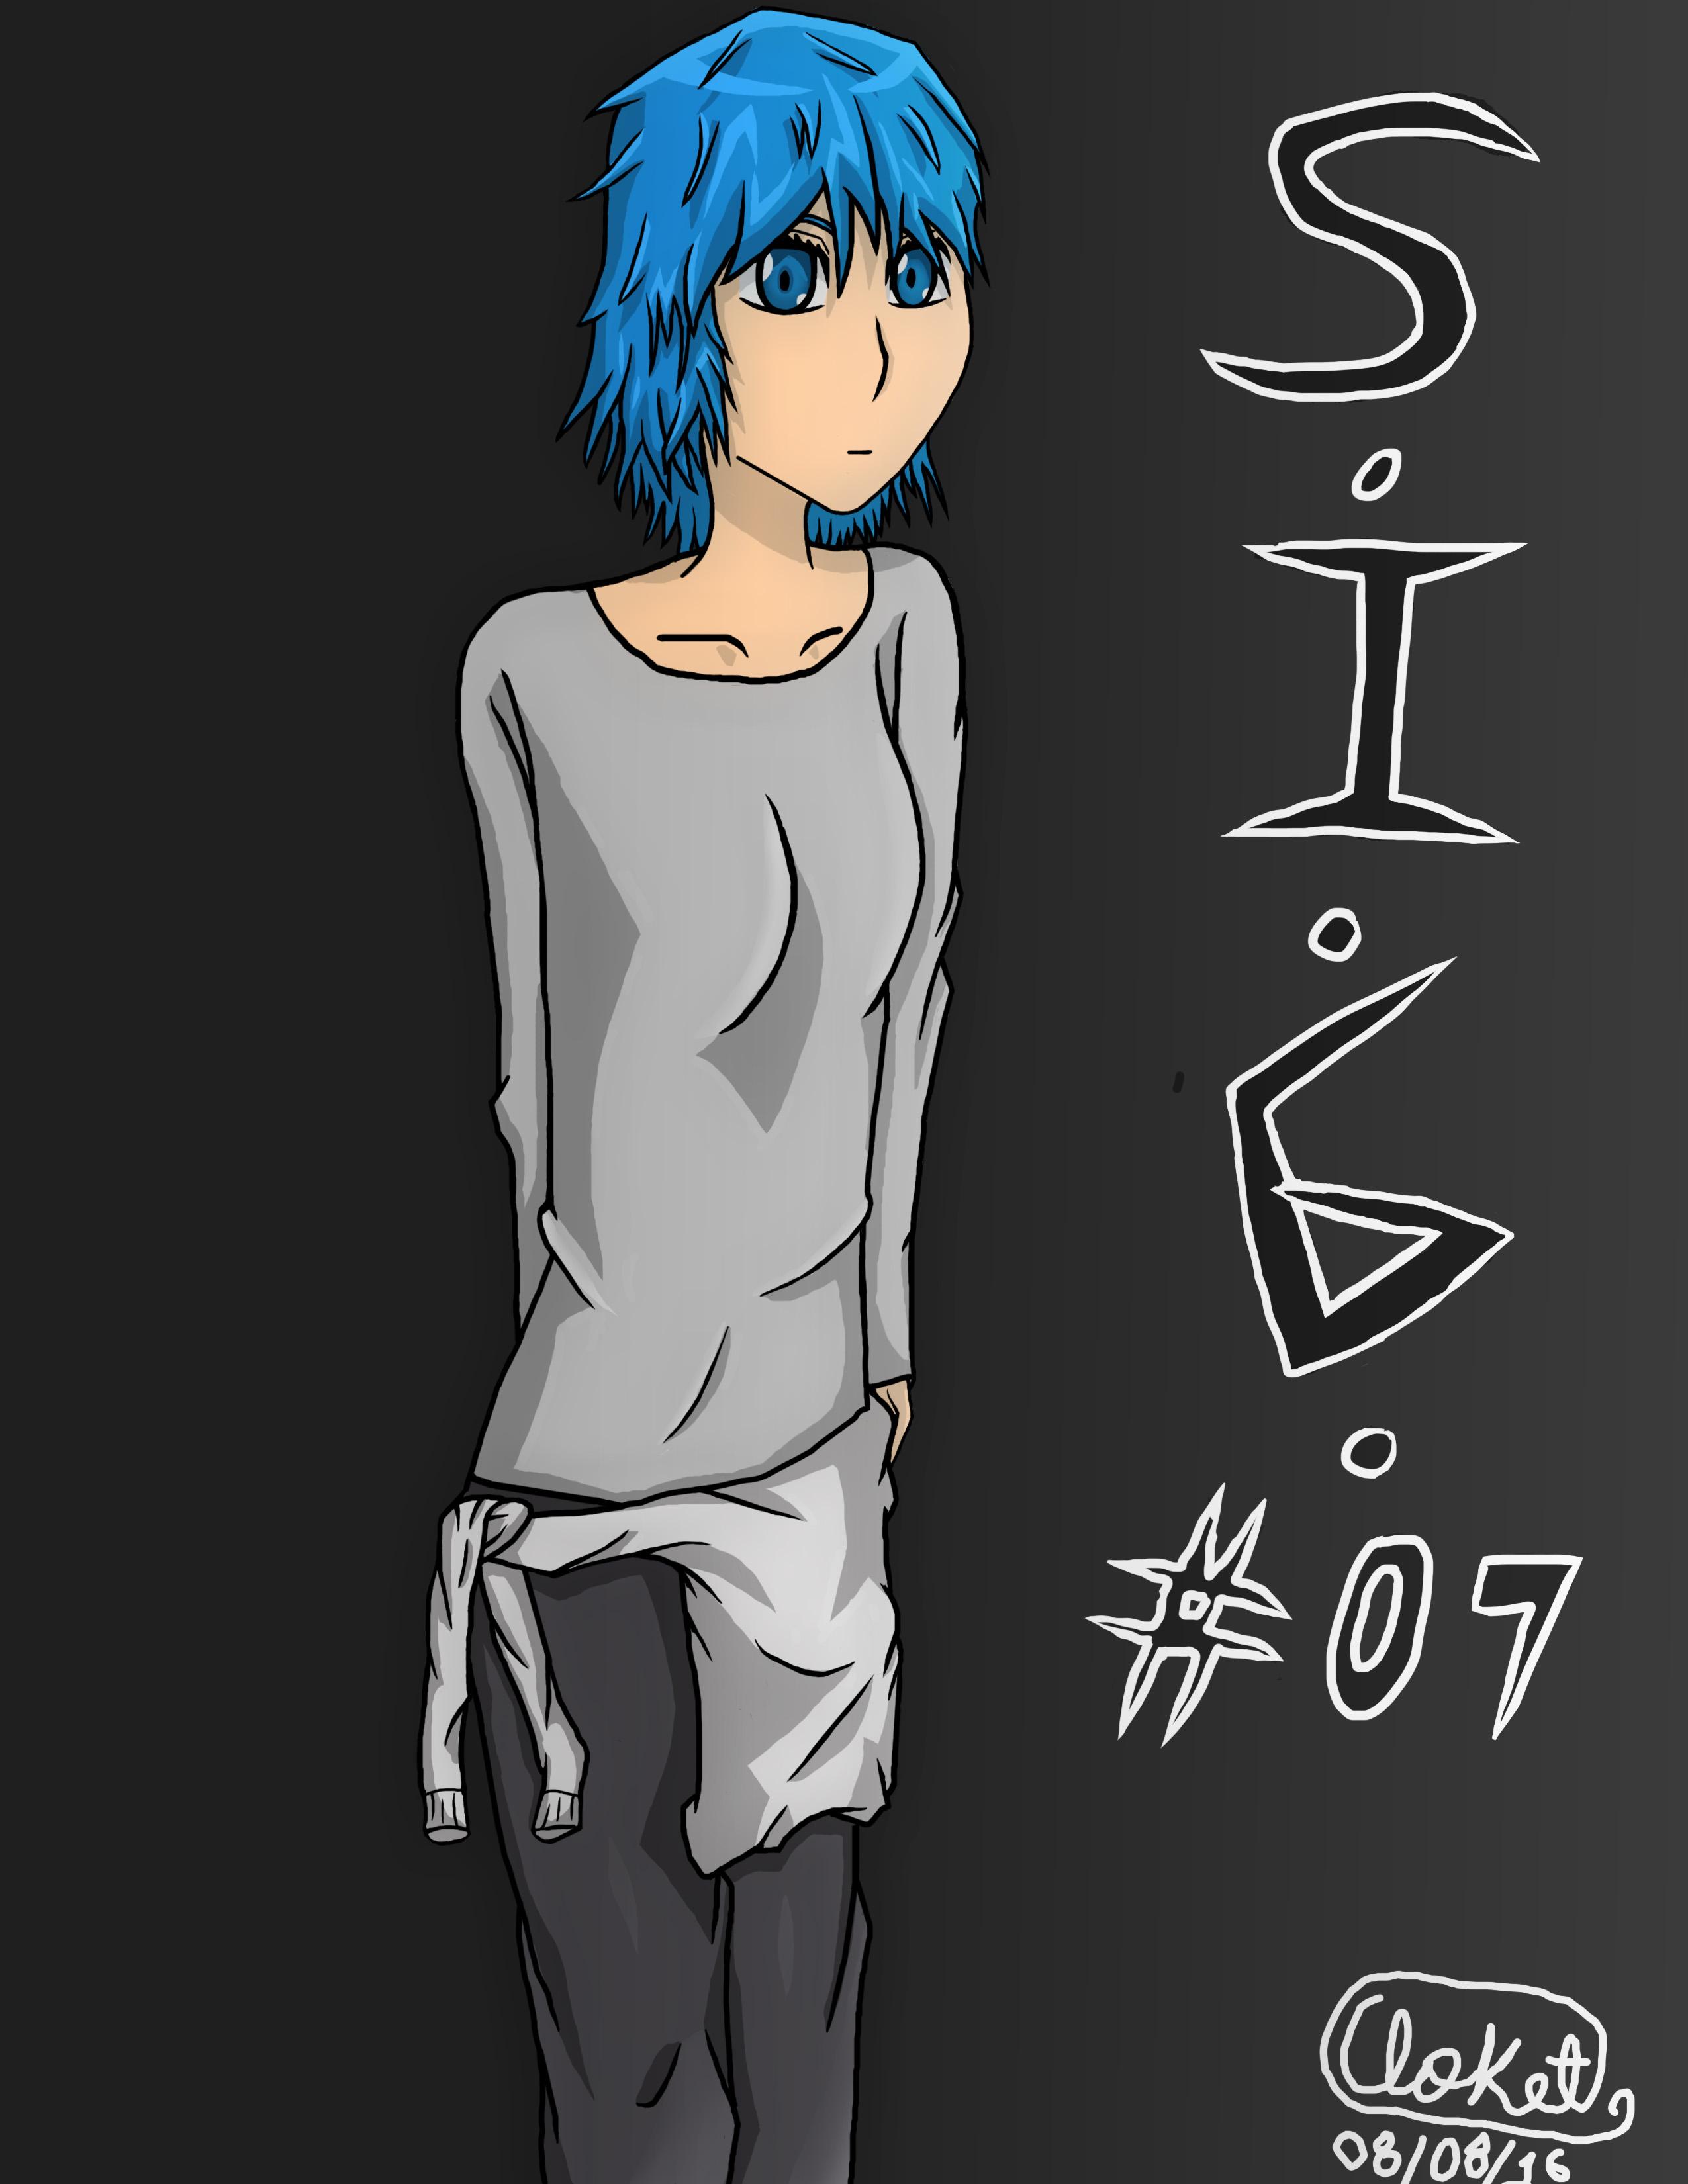 S.I.G. #07